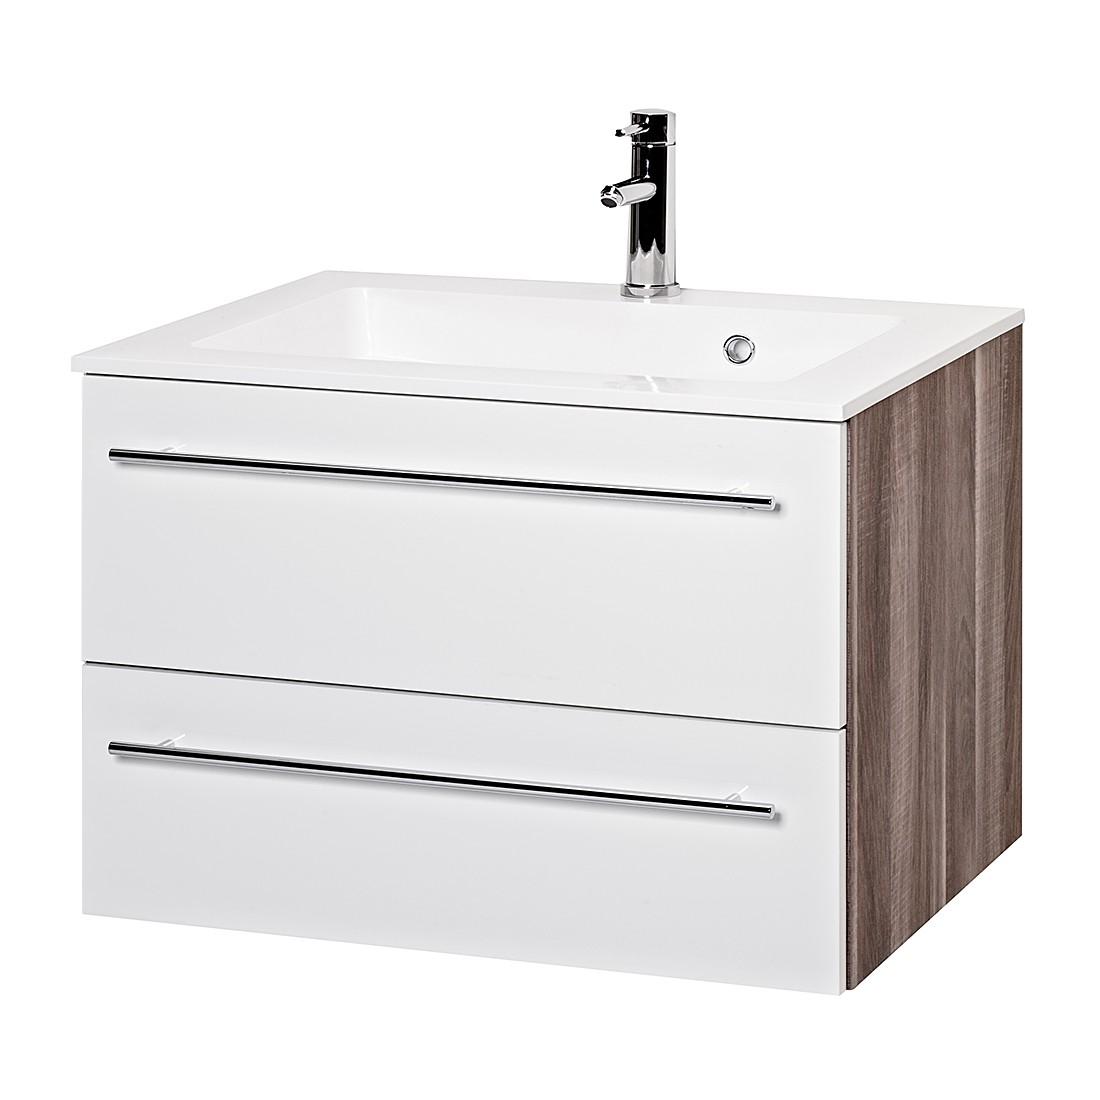 Waschtisch Cero II – Weiß/Trüffeleiche Dekor, Giessbach jetzt kaufen